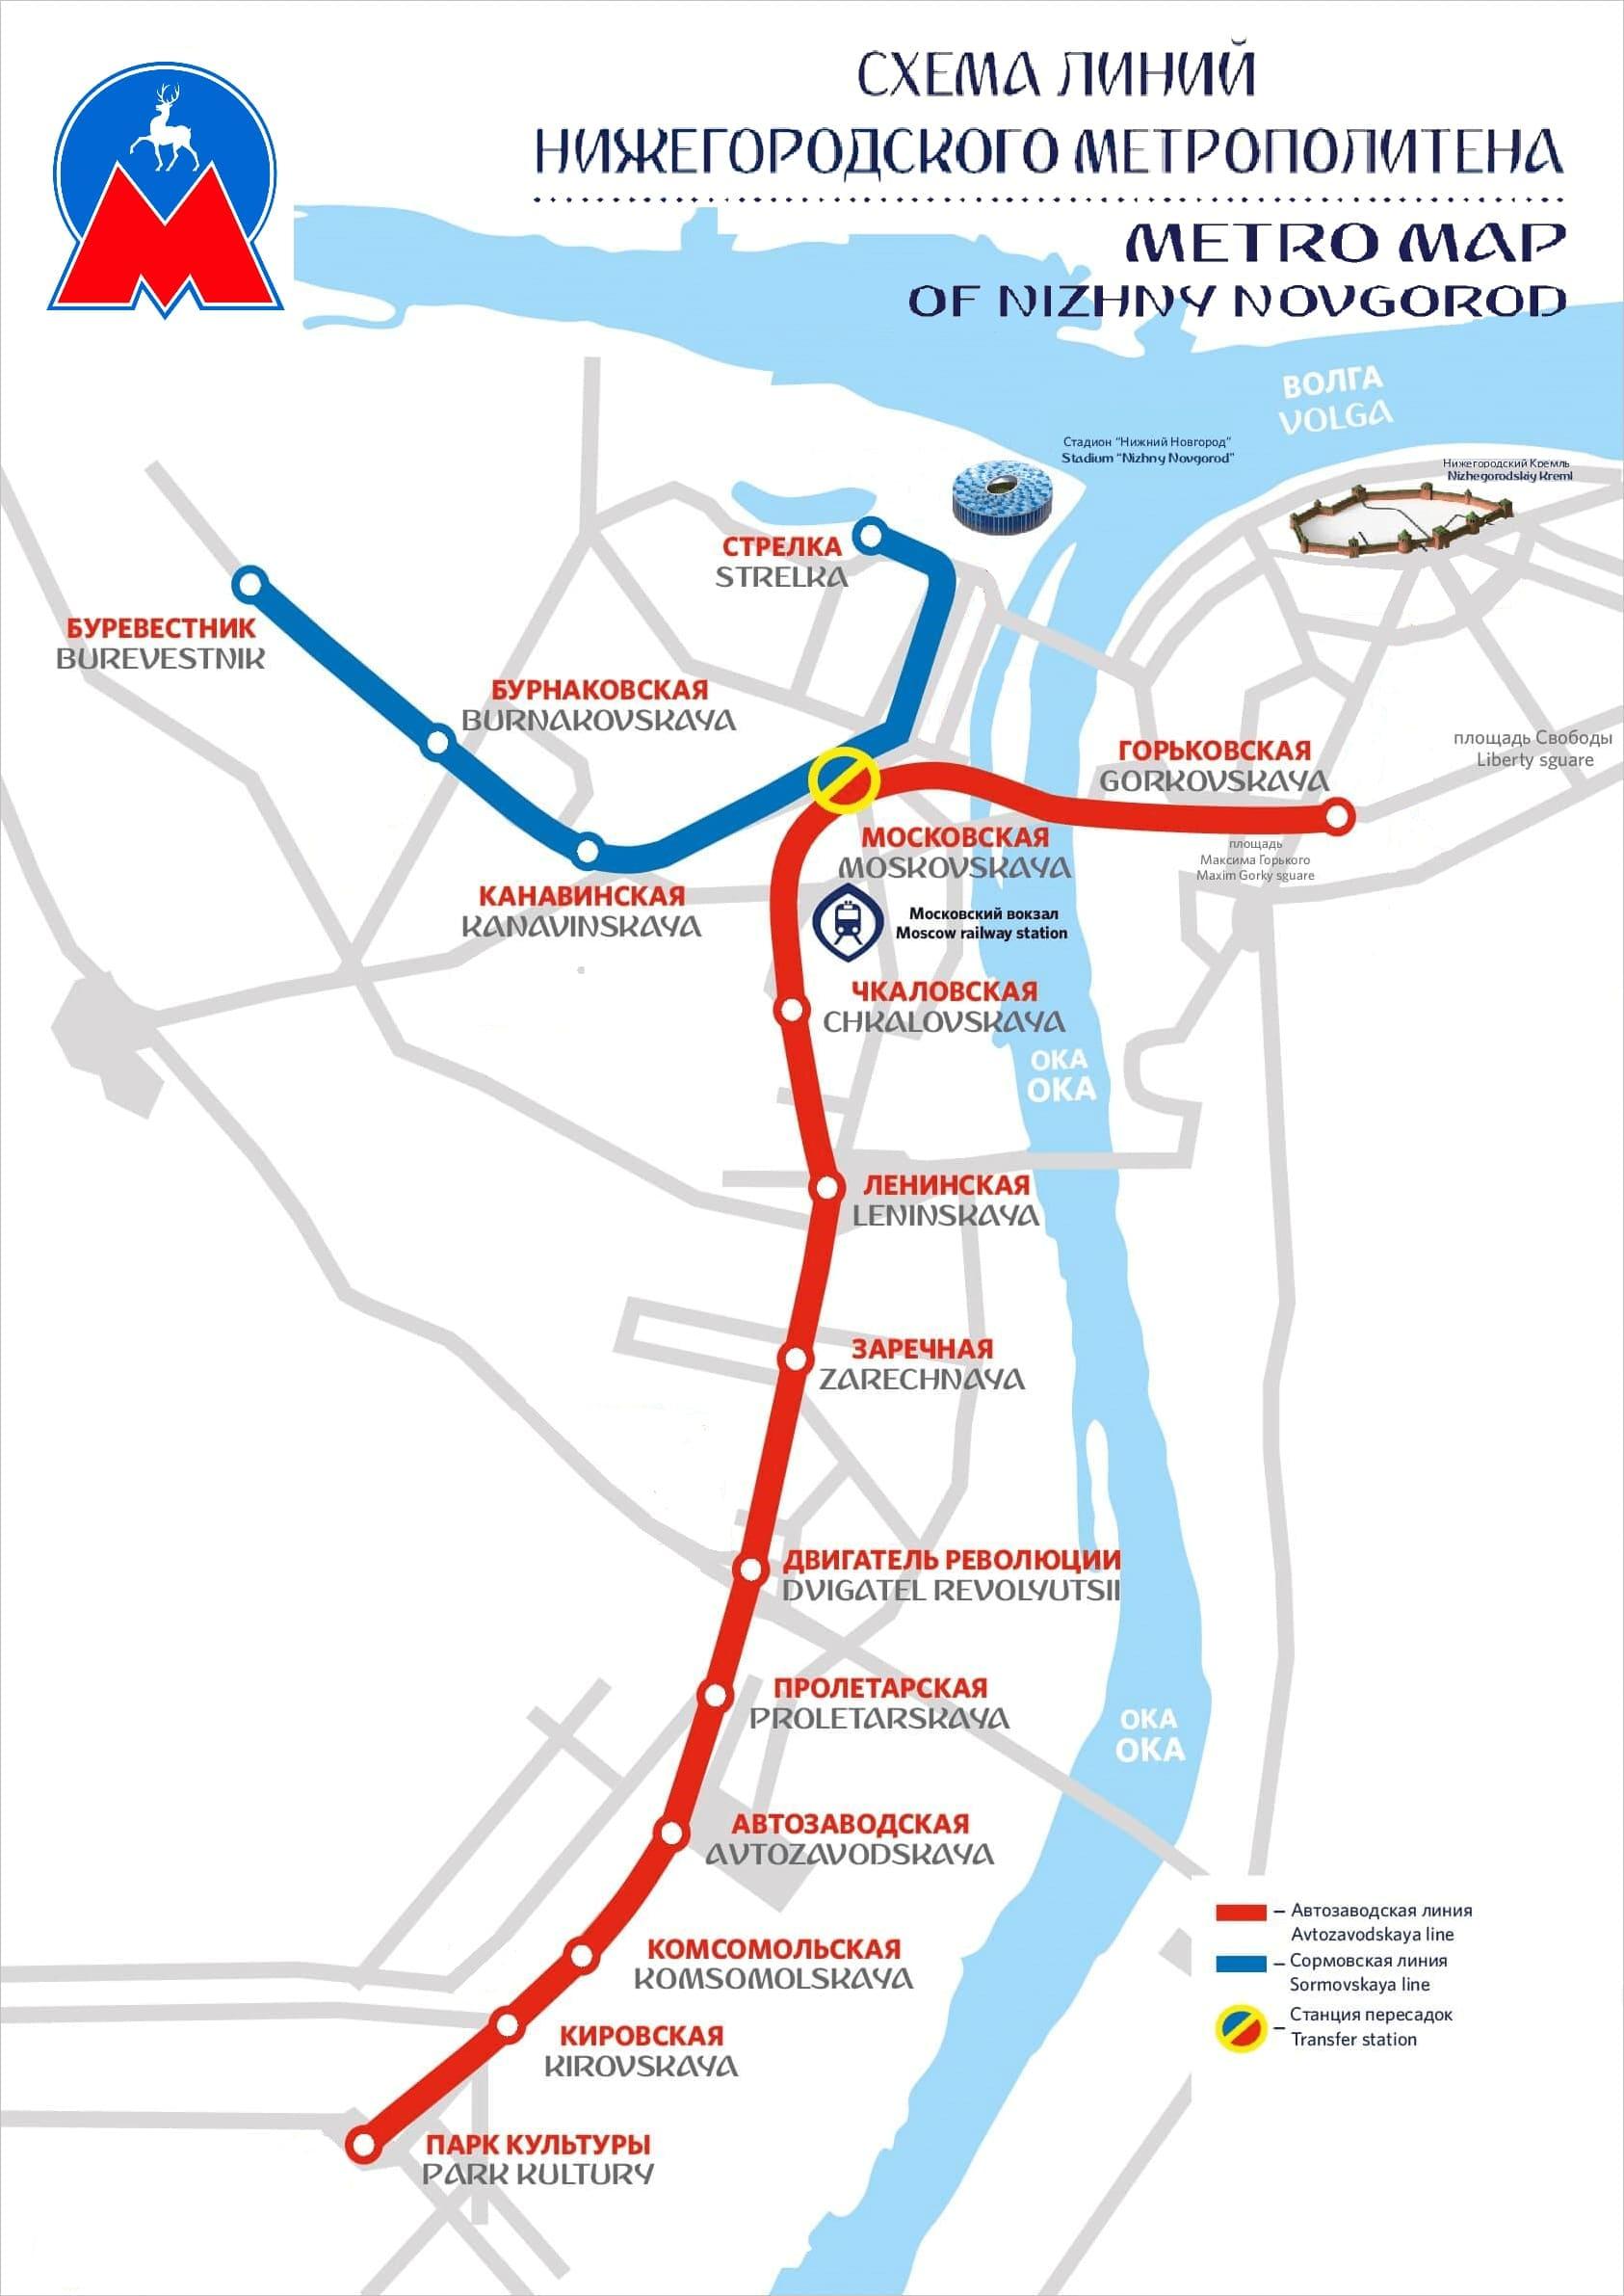 Схема метро Нижний Новгород